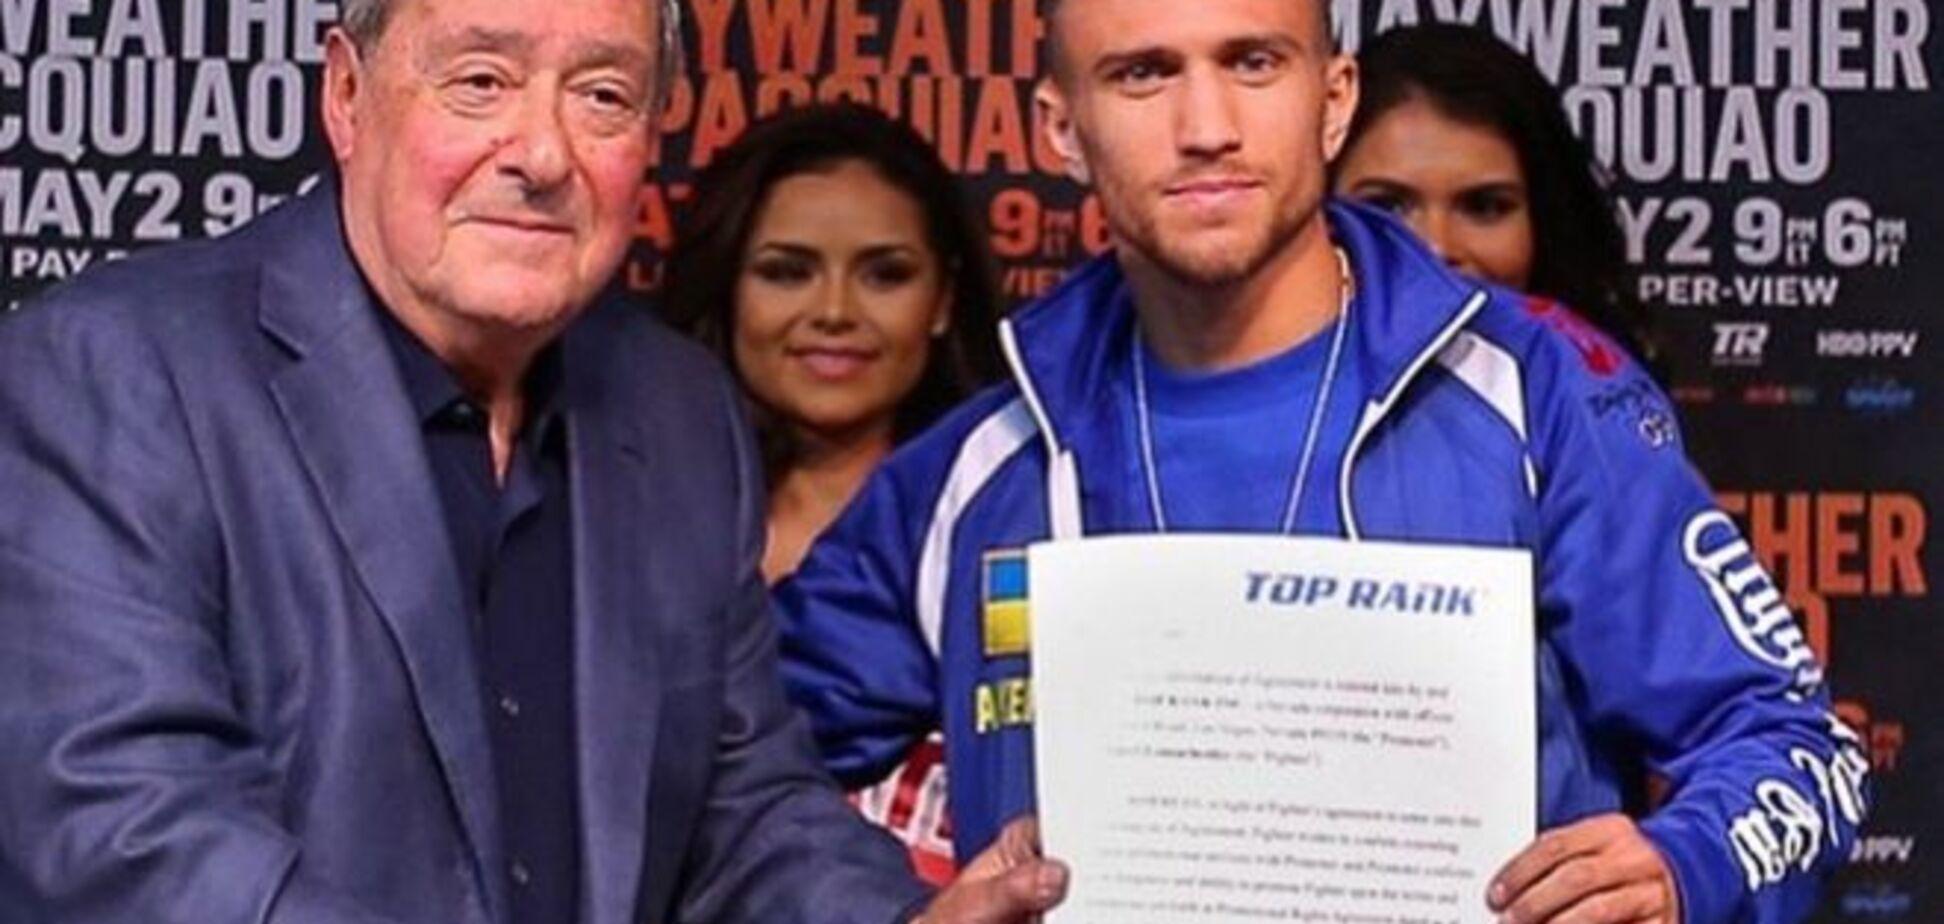 Украинский чемпион мира подписал многолетний контракт с Top Rank